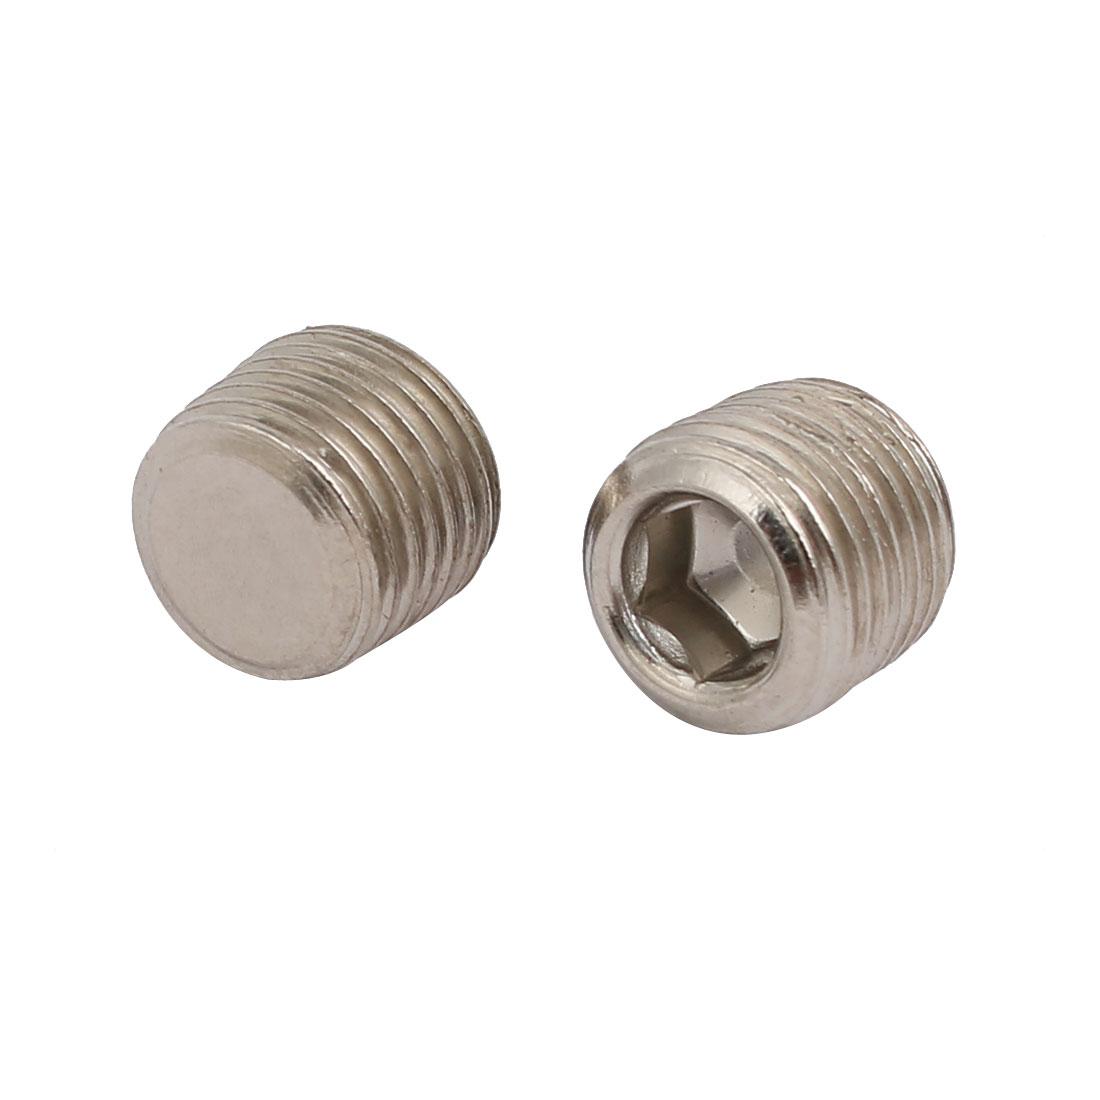 1/8BSP Male Thread Metal Flat Head Hex Socket Grub Screw Silver Tone 2pcs